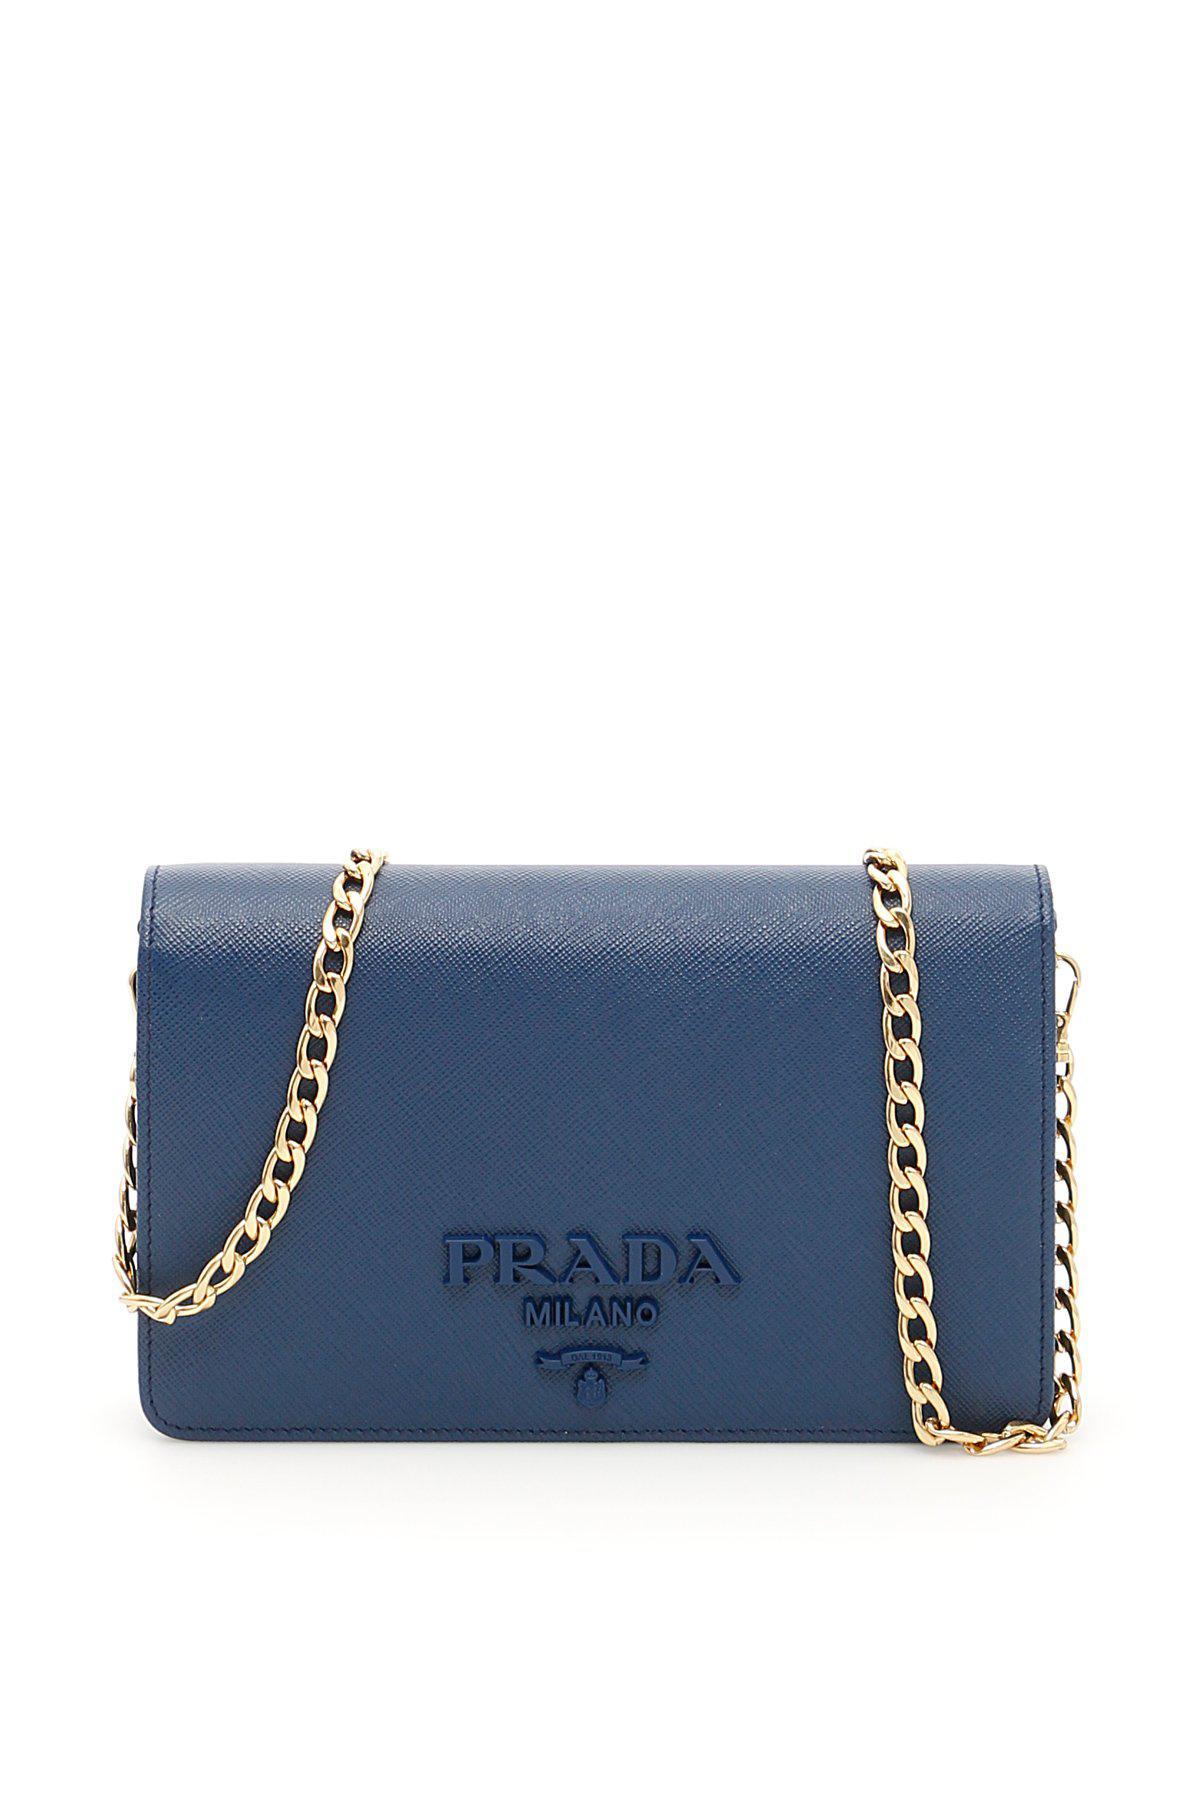 ... australia lyst prada chain clutch bag in blue 430a9 81907 43f762baef78f